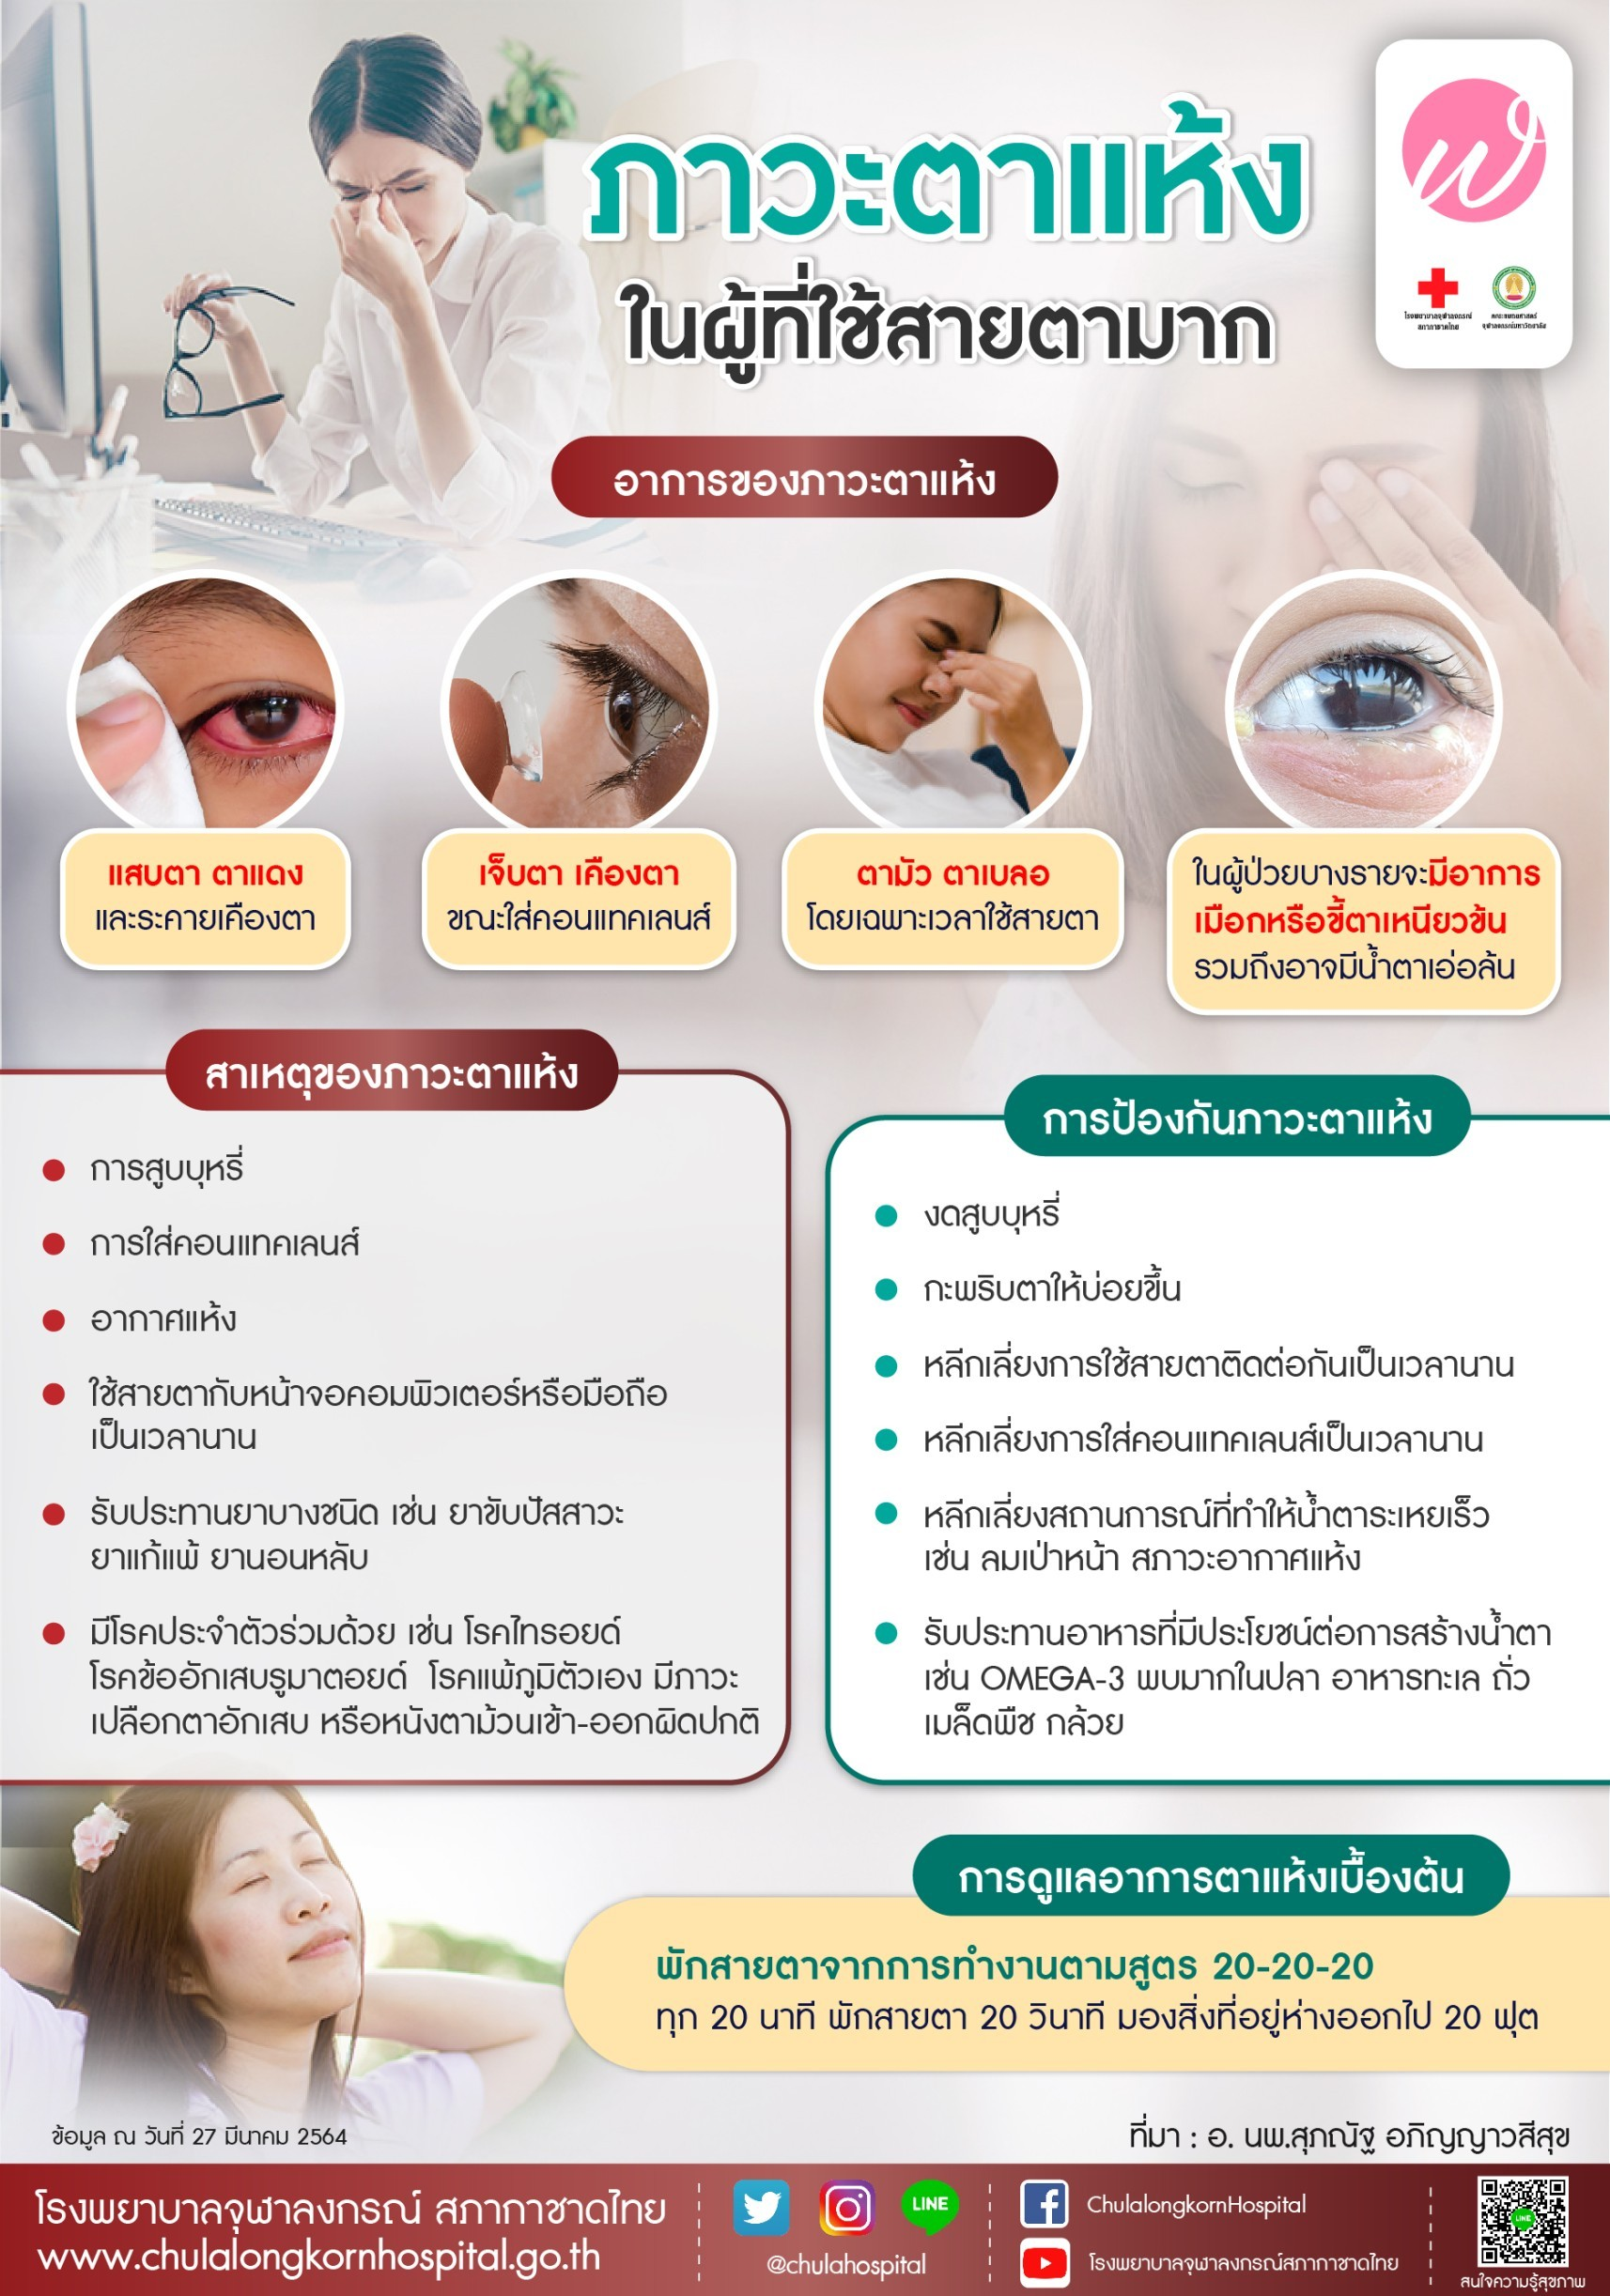 ภาวะตาแห้งในผู้ที่ใช้สายตามาก